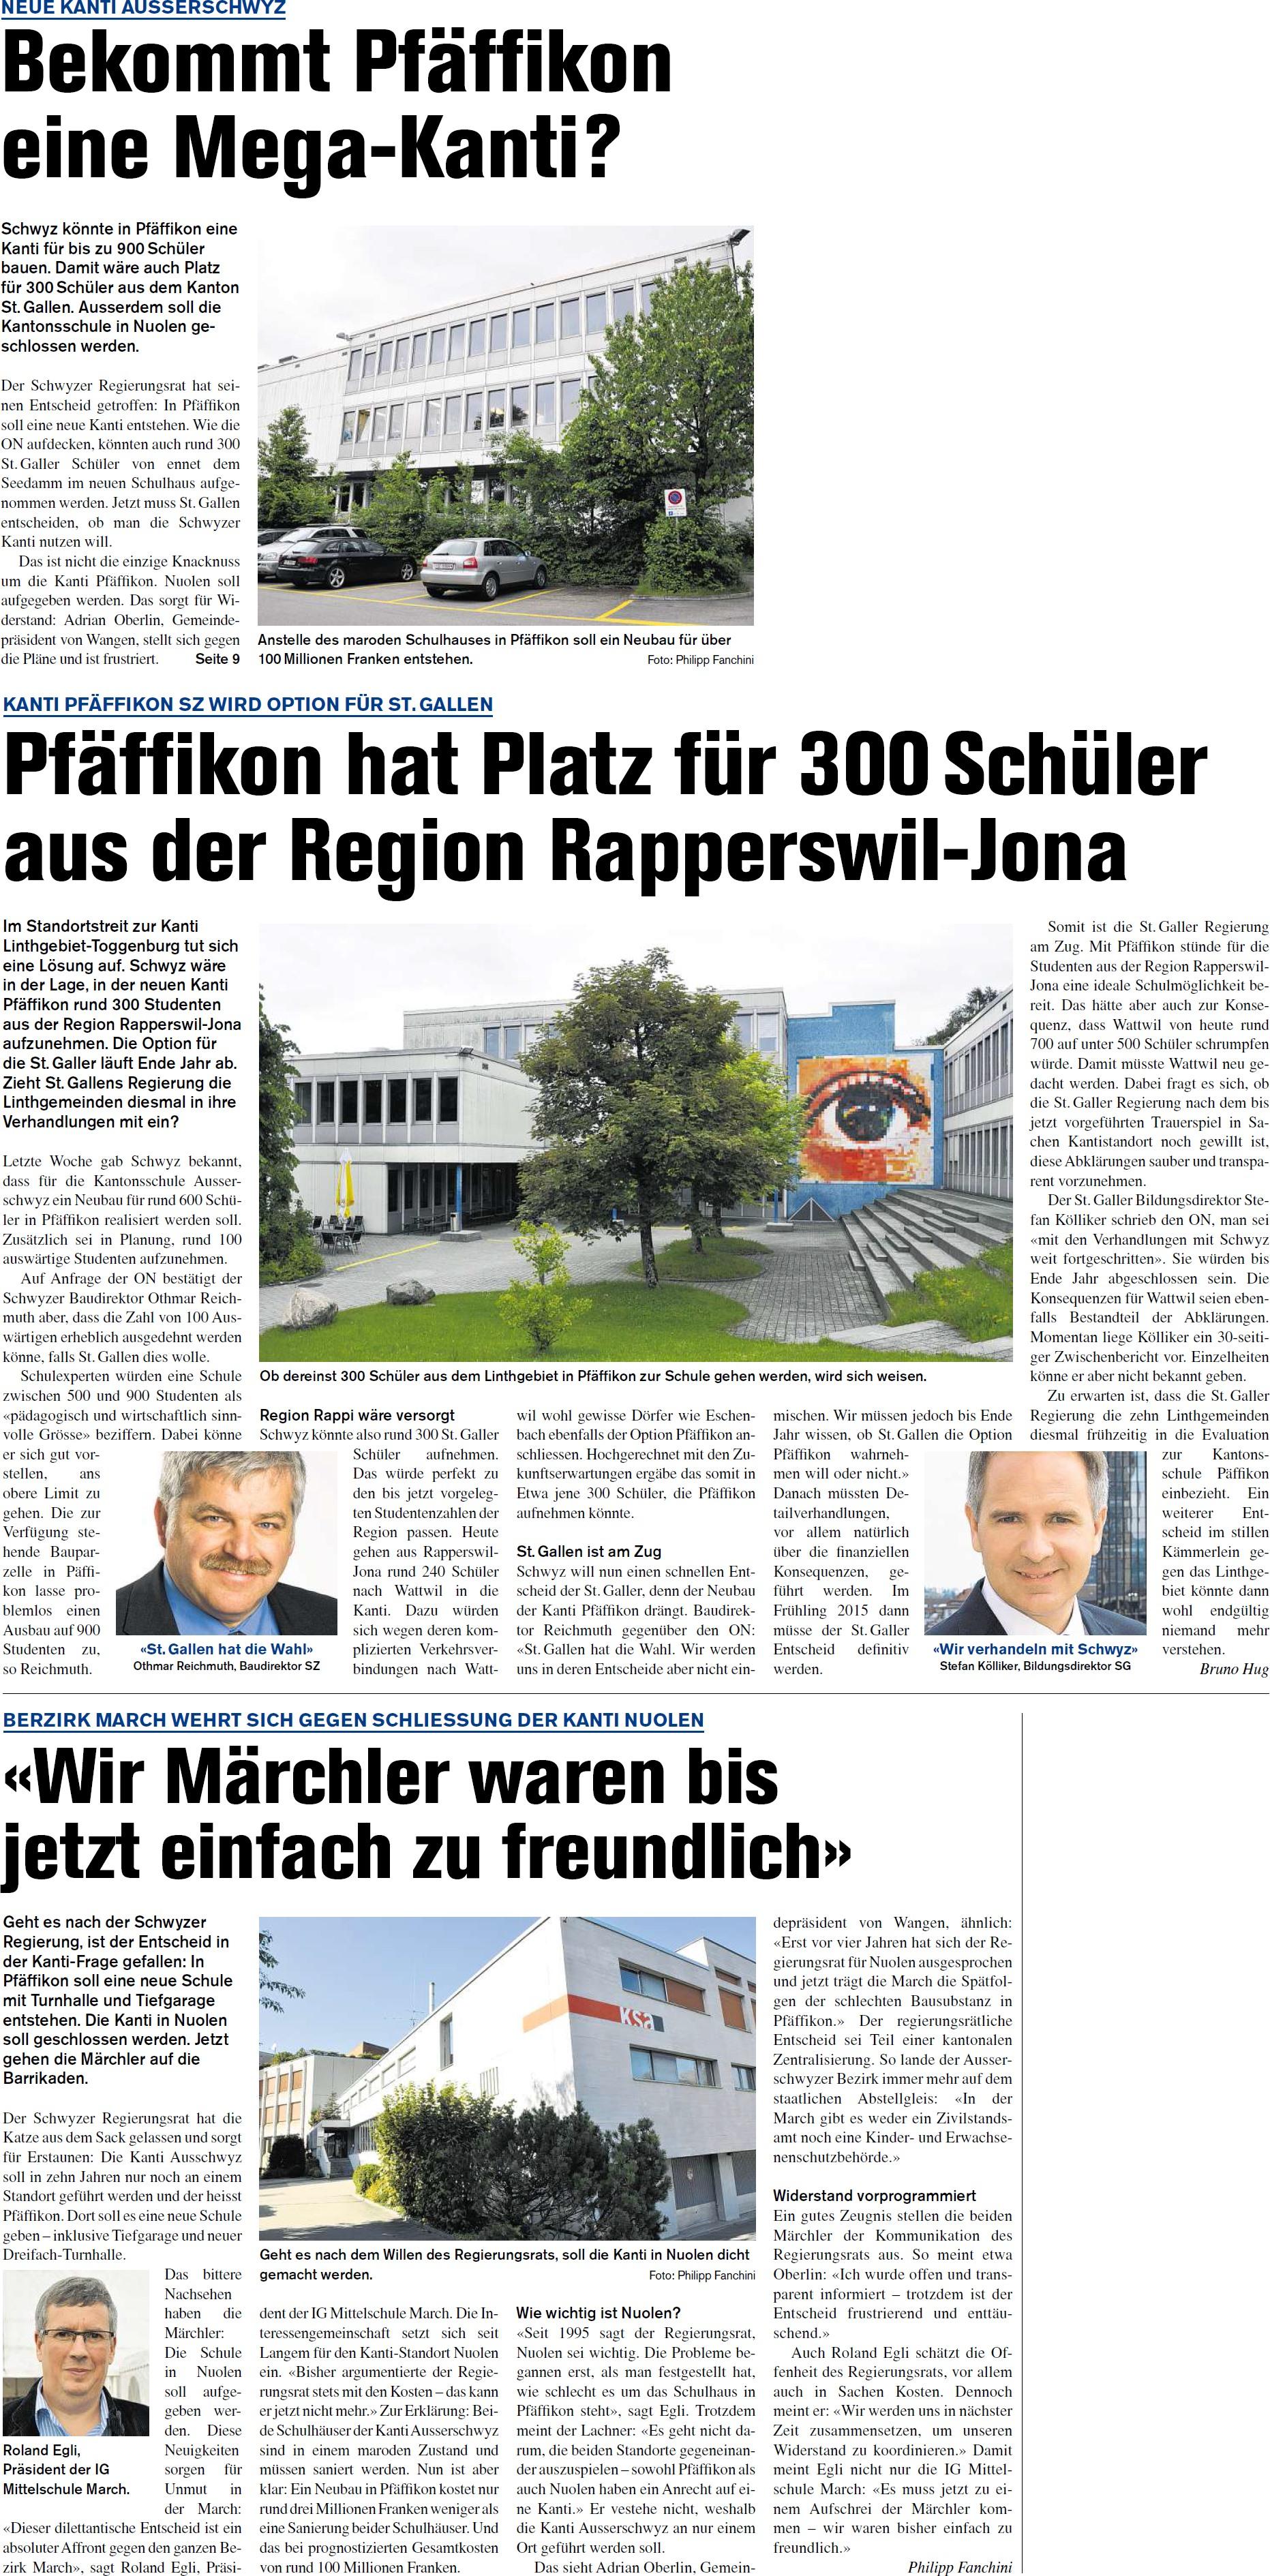 Pfäffikon hat Platz für 300 Schüler aus der Region Rapperswil-Jona (Donnerstag, 02.10.2014)